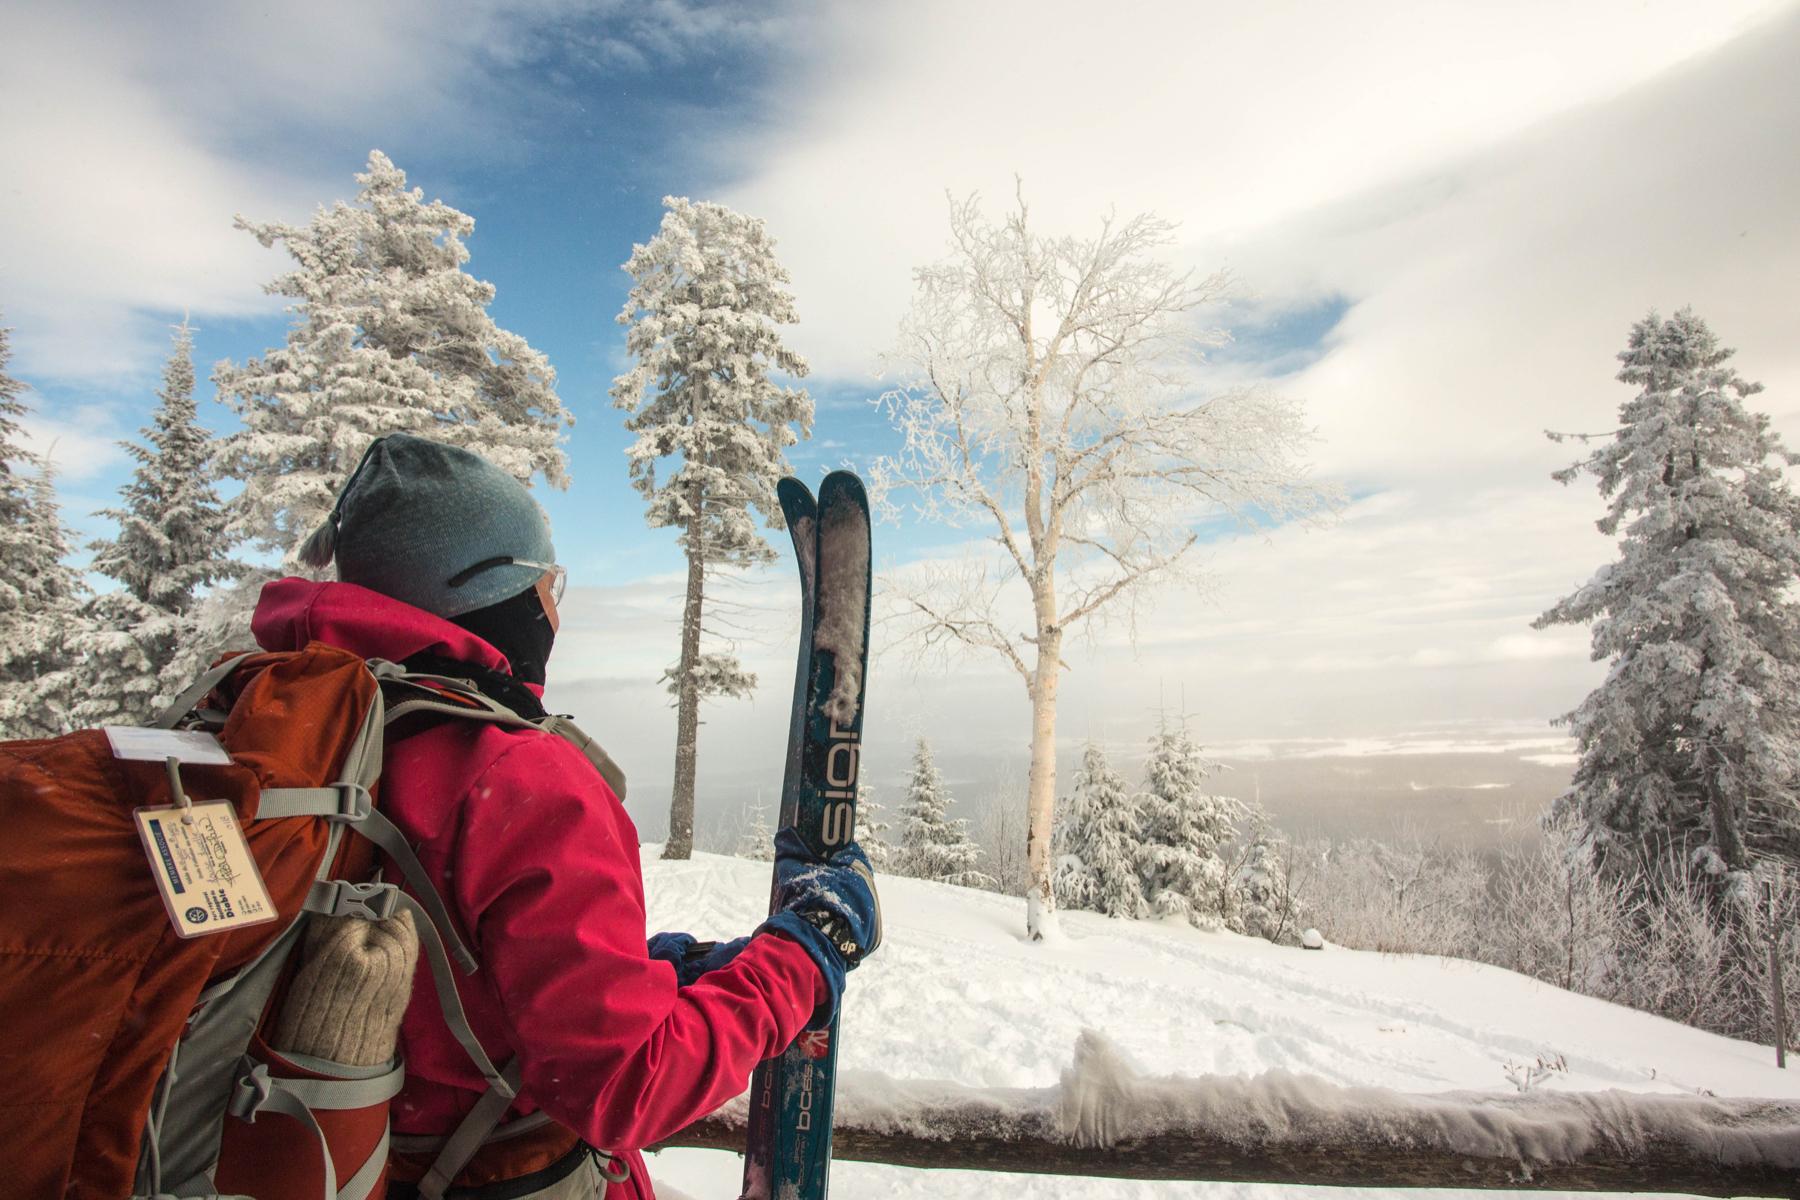 parc-montagne-du-diable-activités-hiver-ski-011